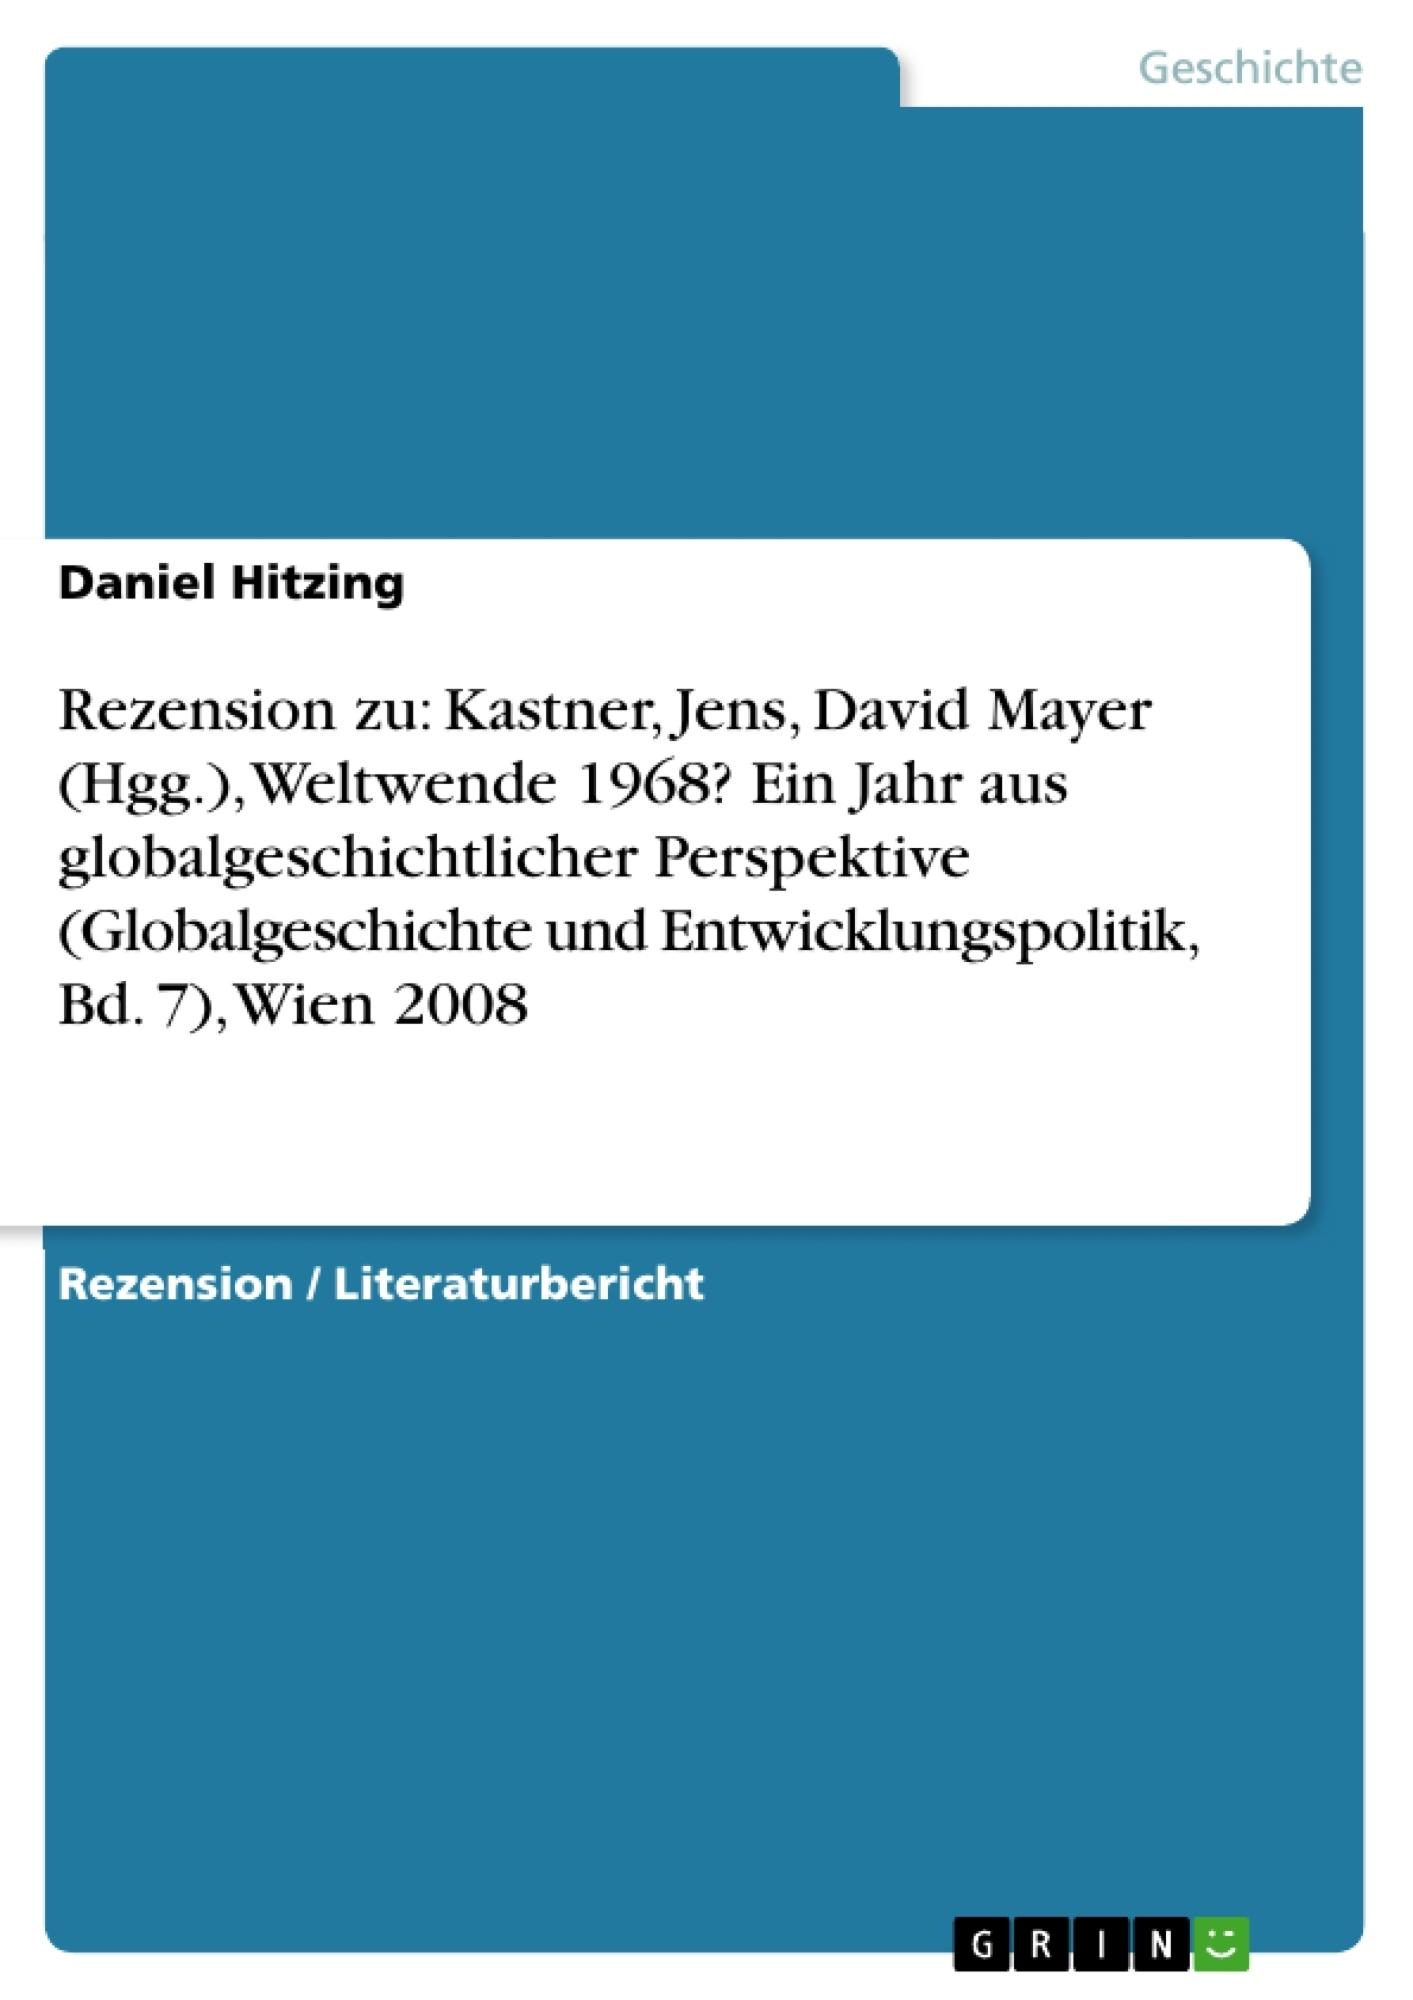 Titel: Rezension zu: Kastner, Jens, David Mayer (Hgg.), Weltwende 1968? Ein Jahr aus globalgeschichtlicher Perspektive (Globalgeschichte und Entwicklungspolitik, Bd. 7), Wien 2008